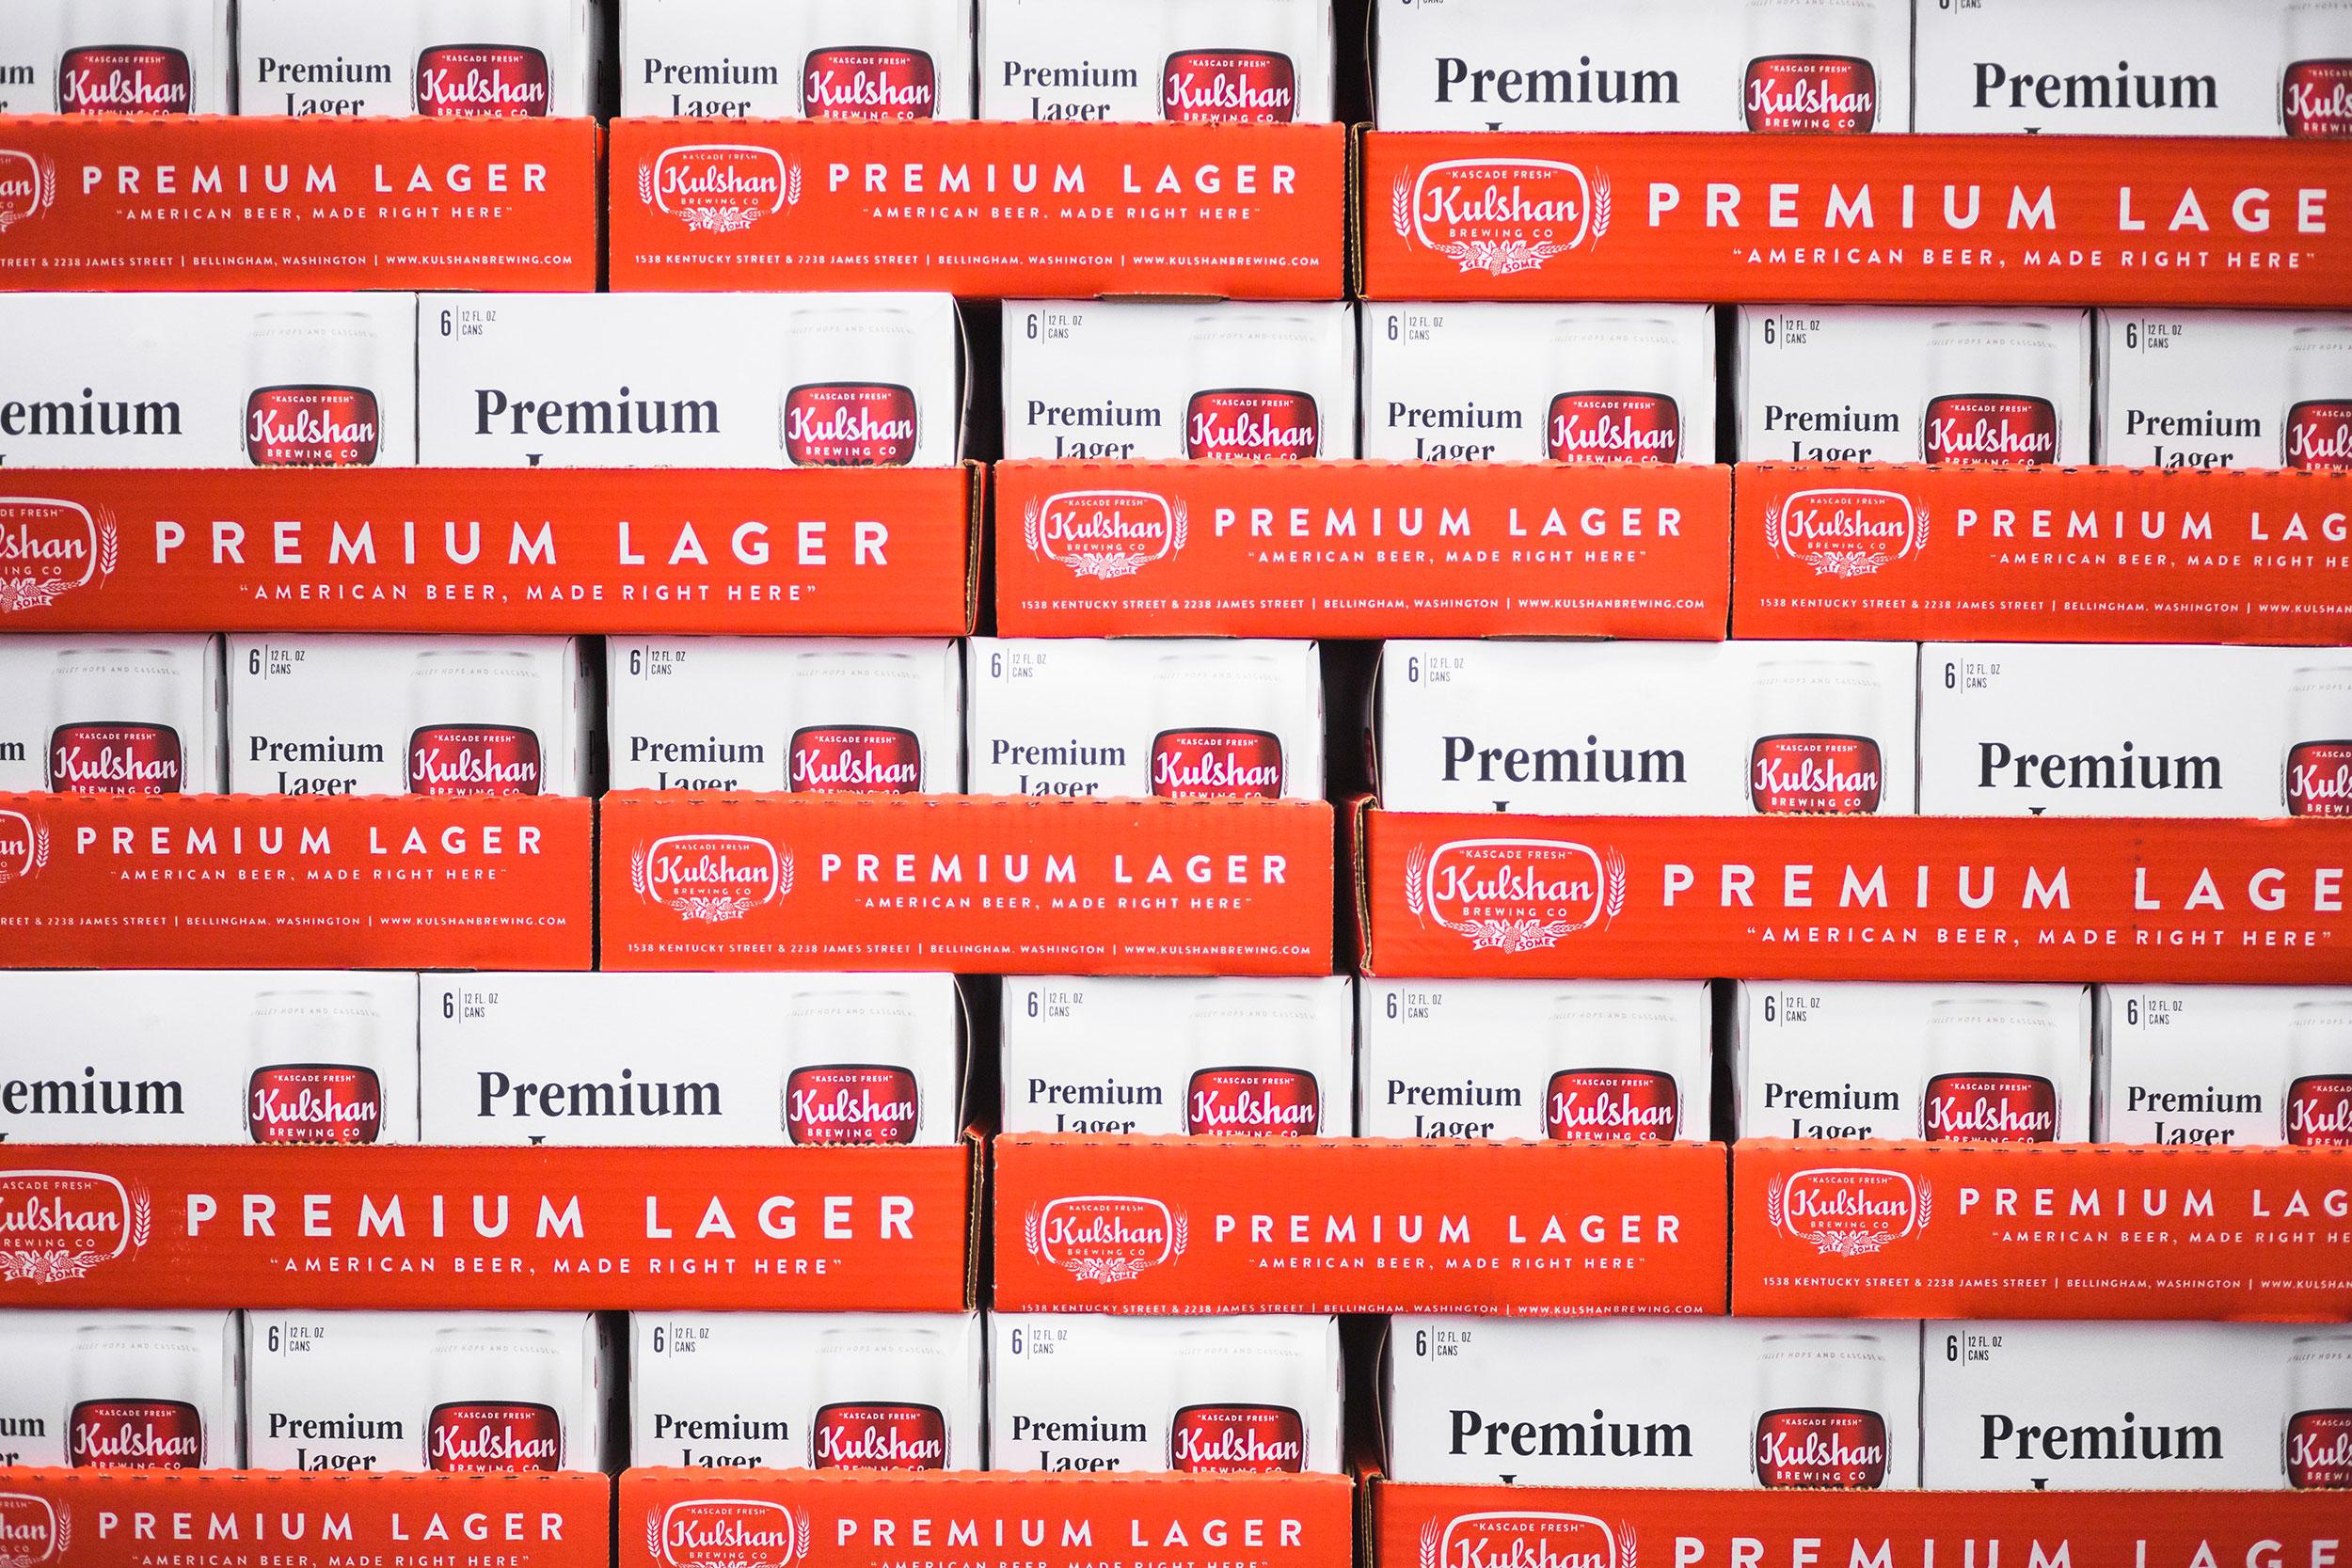 premium-lager.jpg